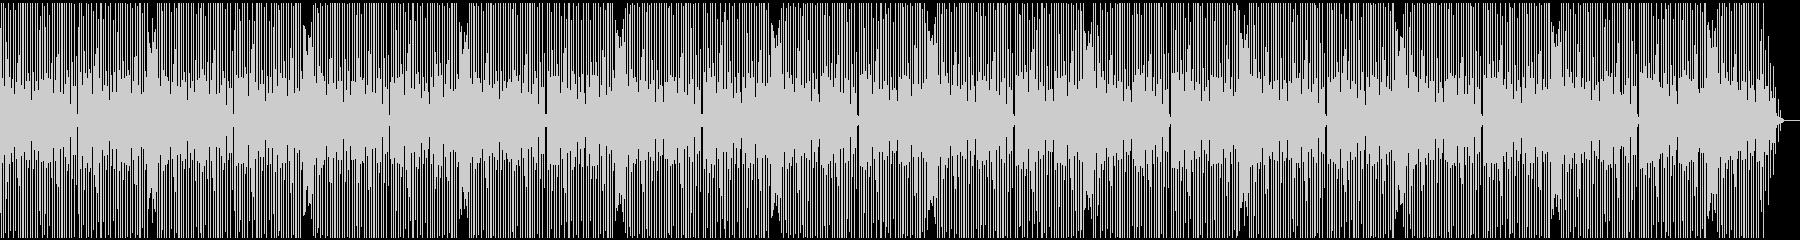 軽快で単純なテクノサウンドの未再生の波形